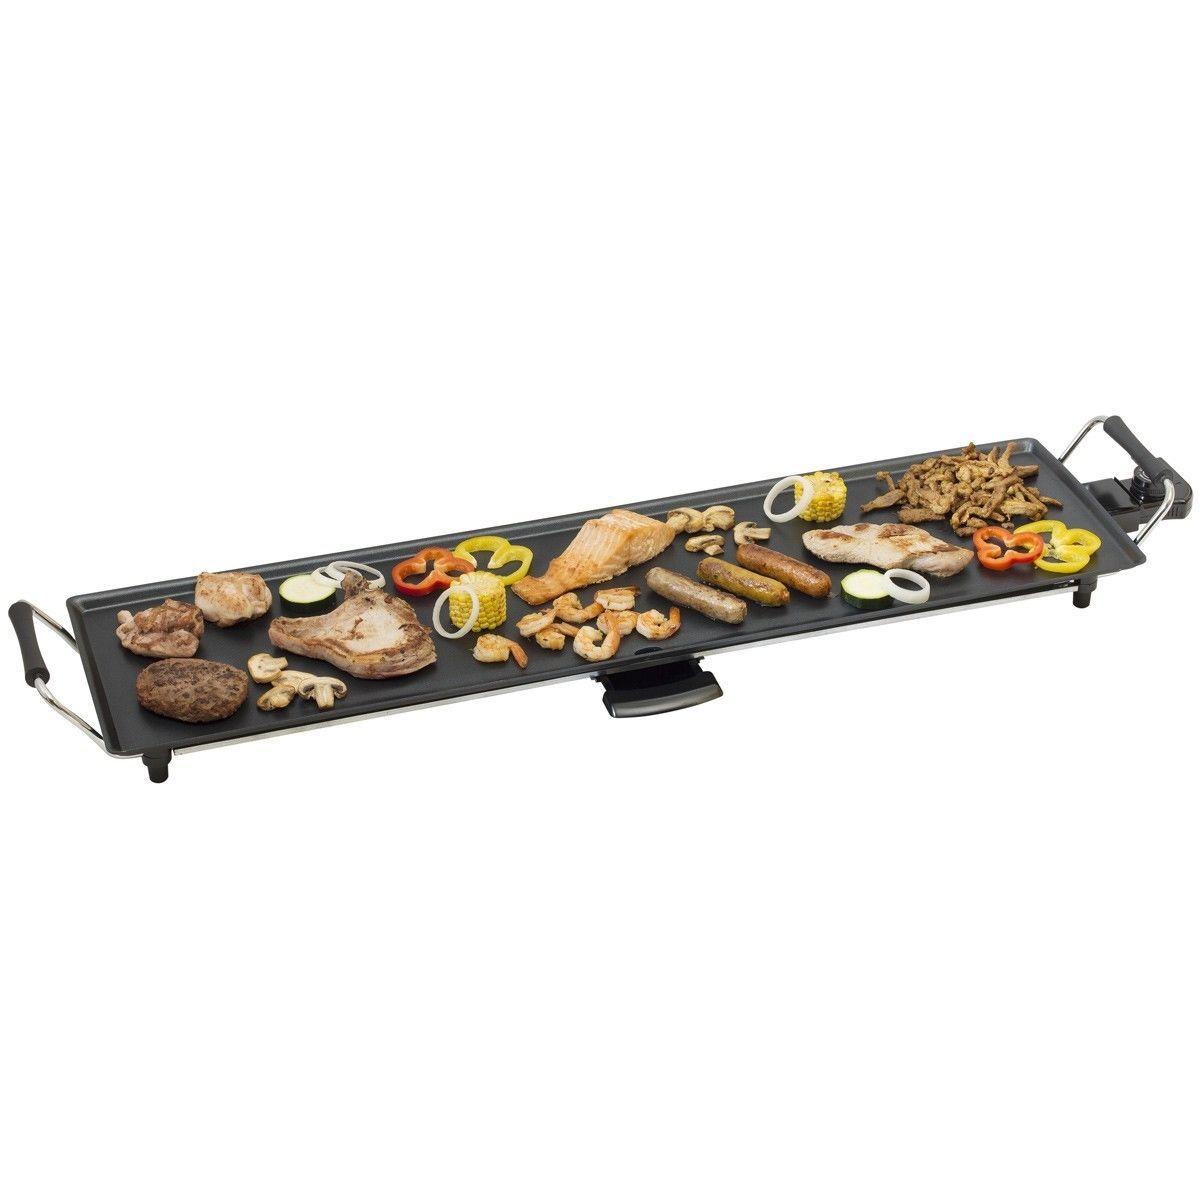 Plancha XXL 90,5x23,5cm 1800W avec thermostat récupérateur de graisse intégrée